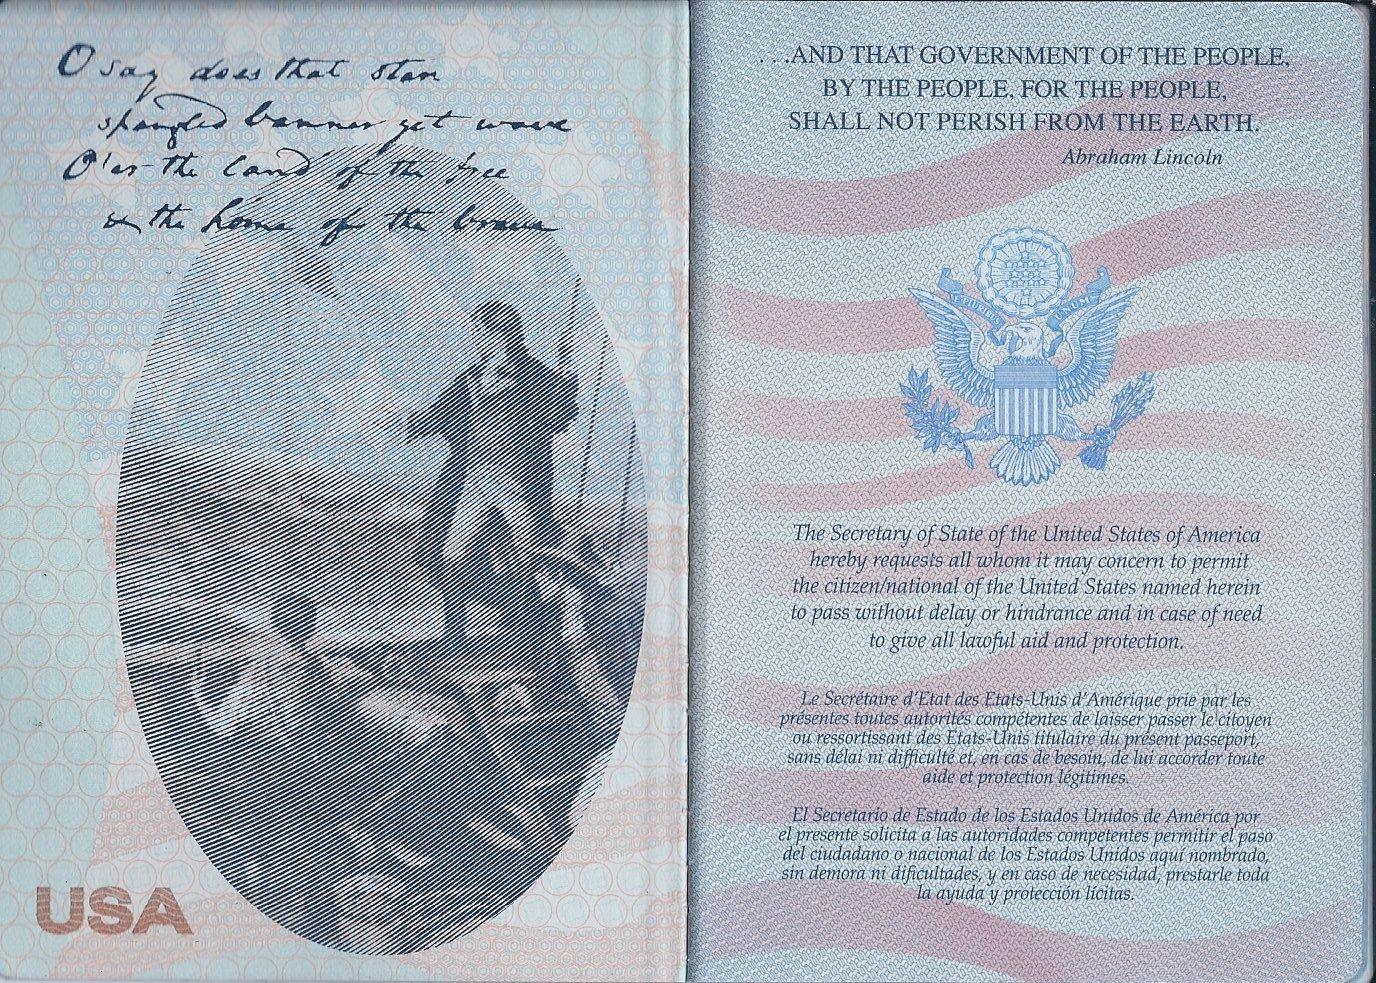 американского паспорта фото